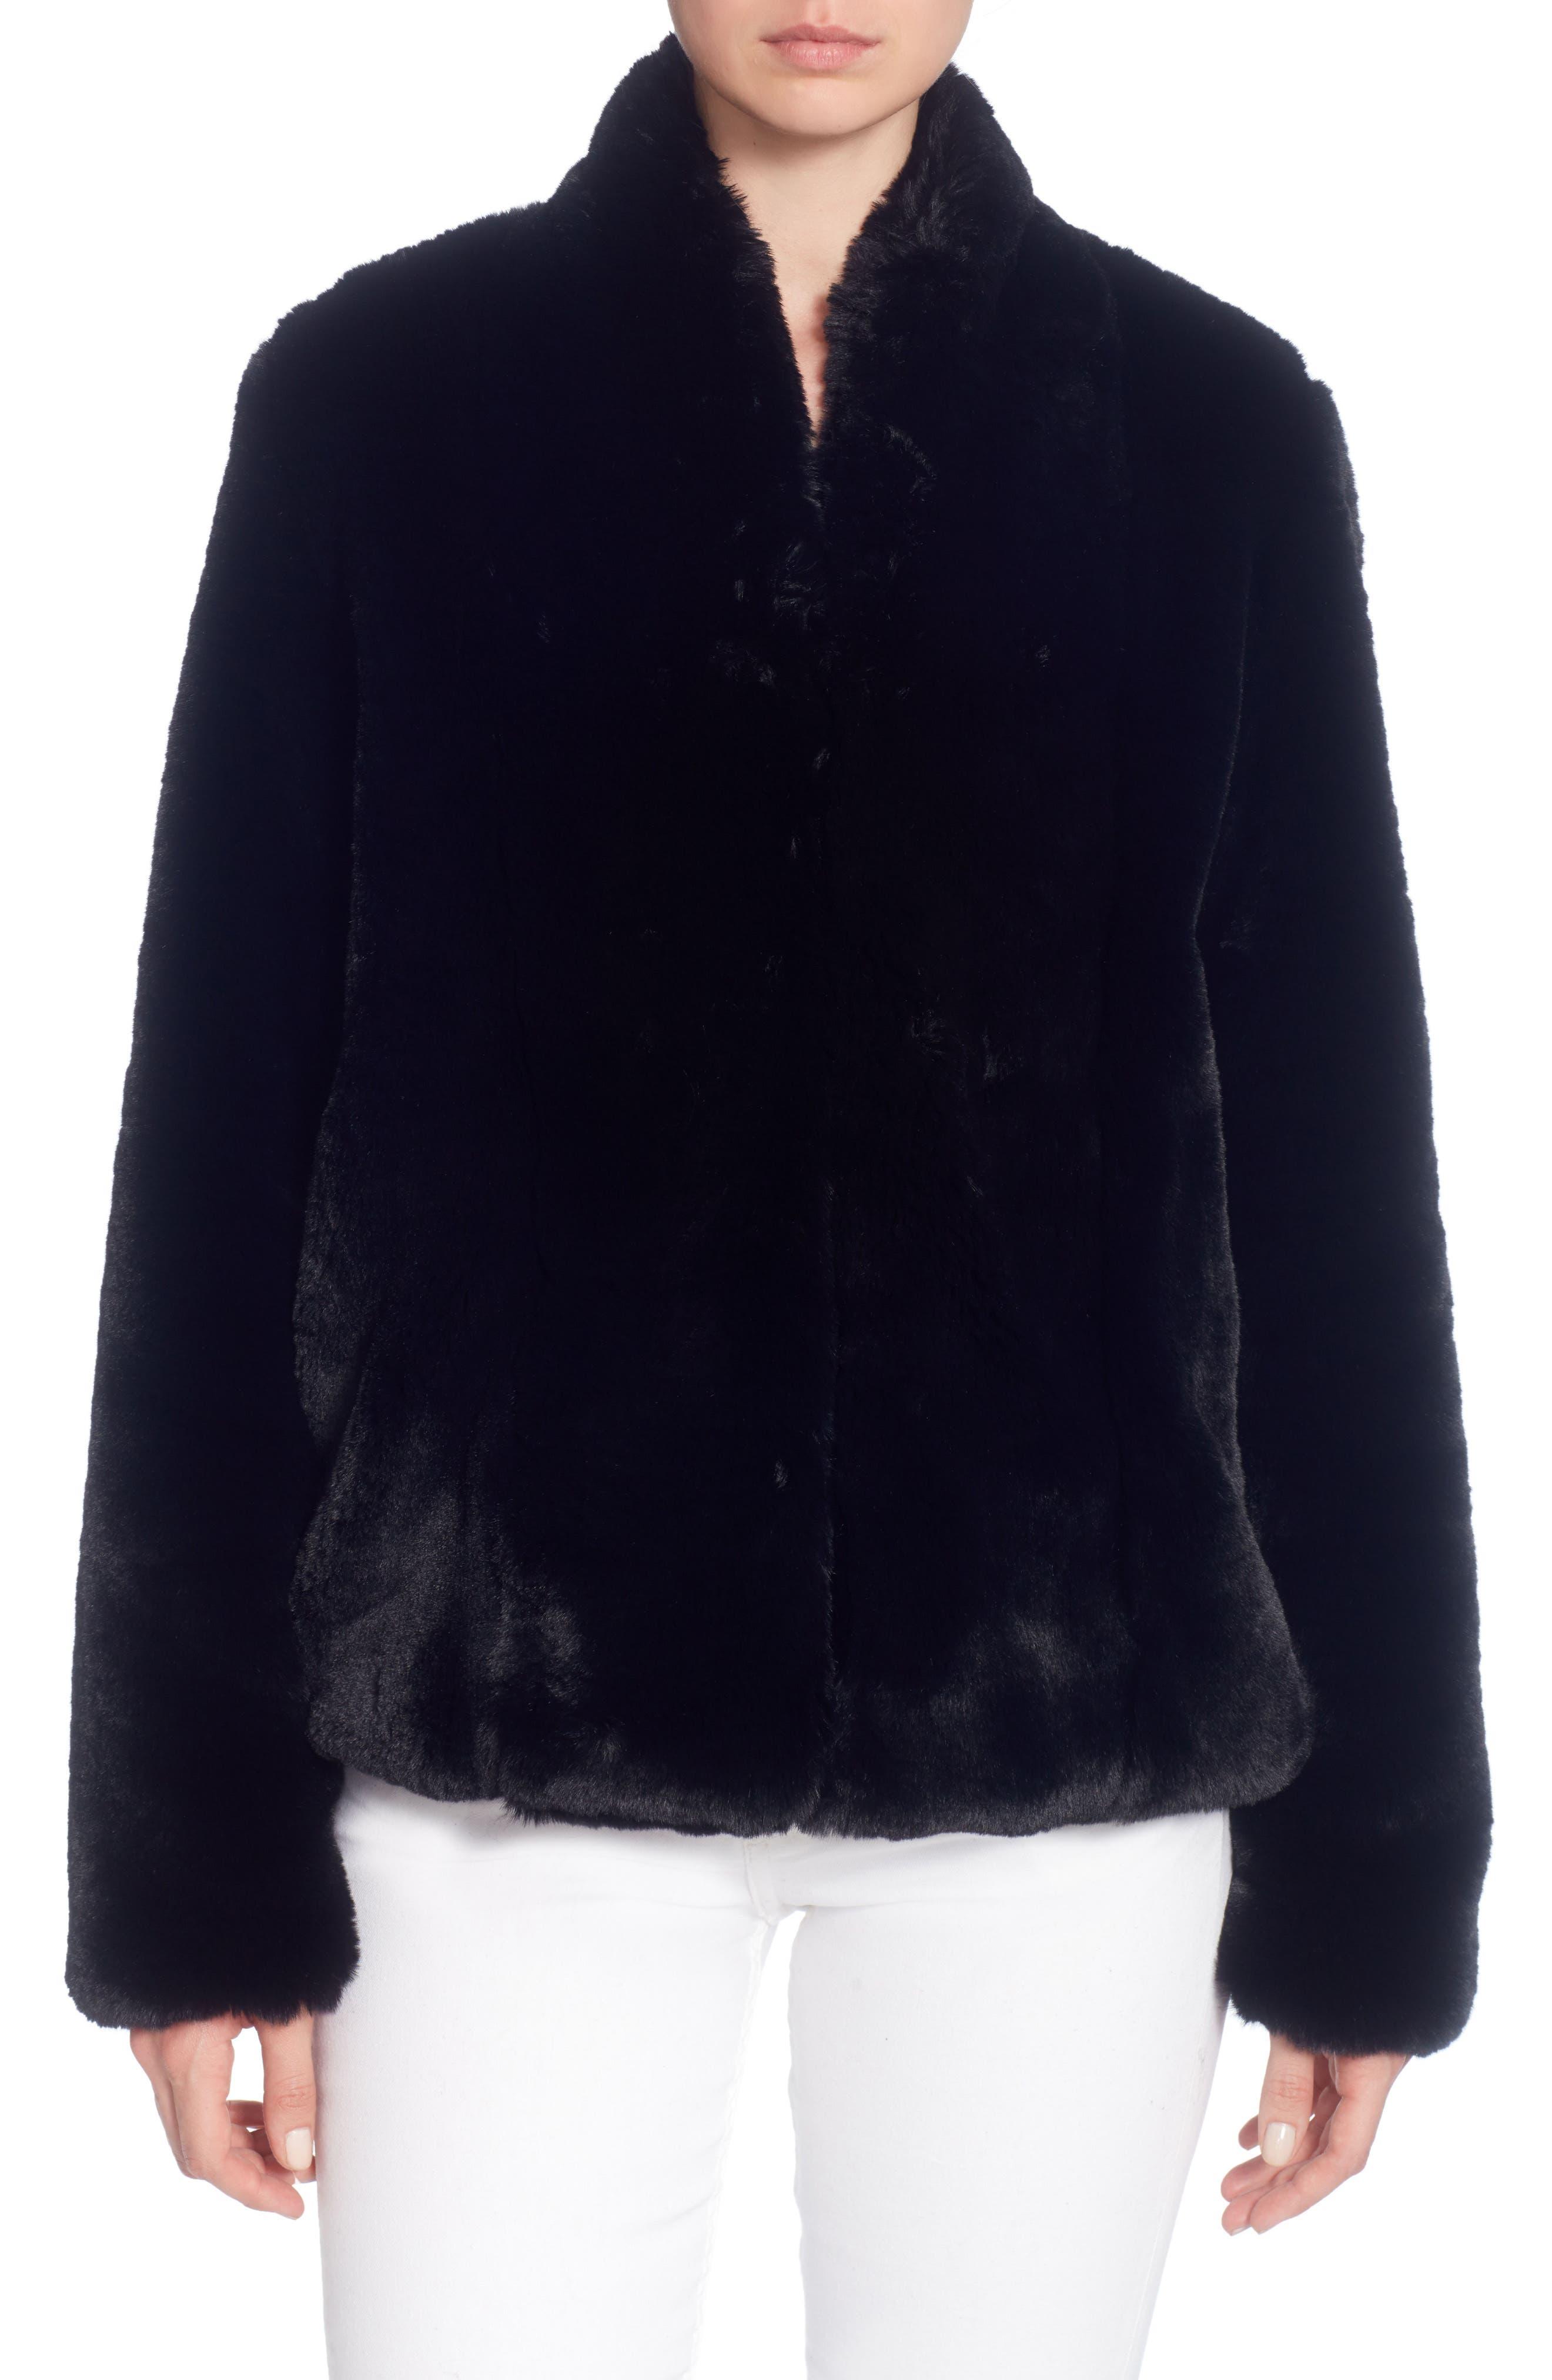 Faux Fur Jacket,                         Main,                         color, Black